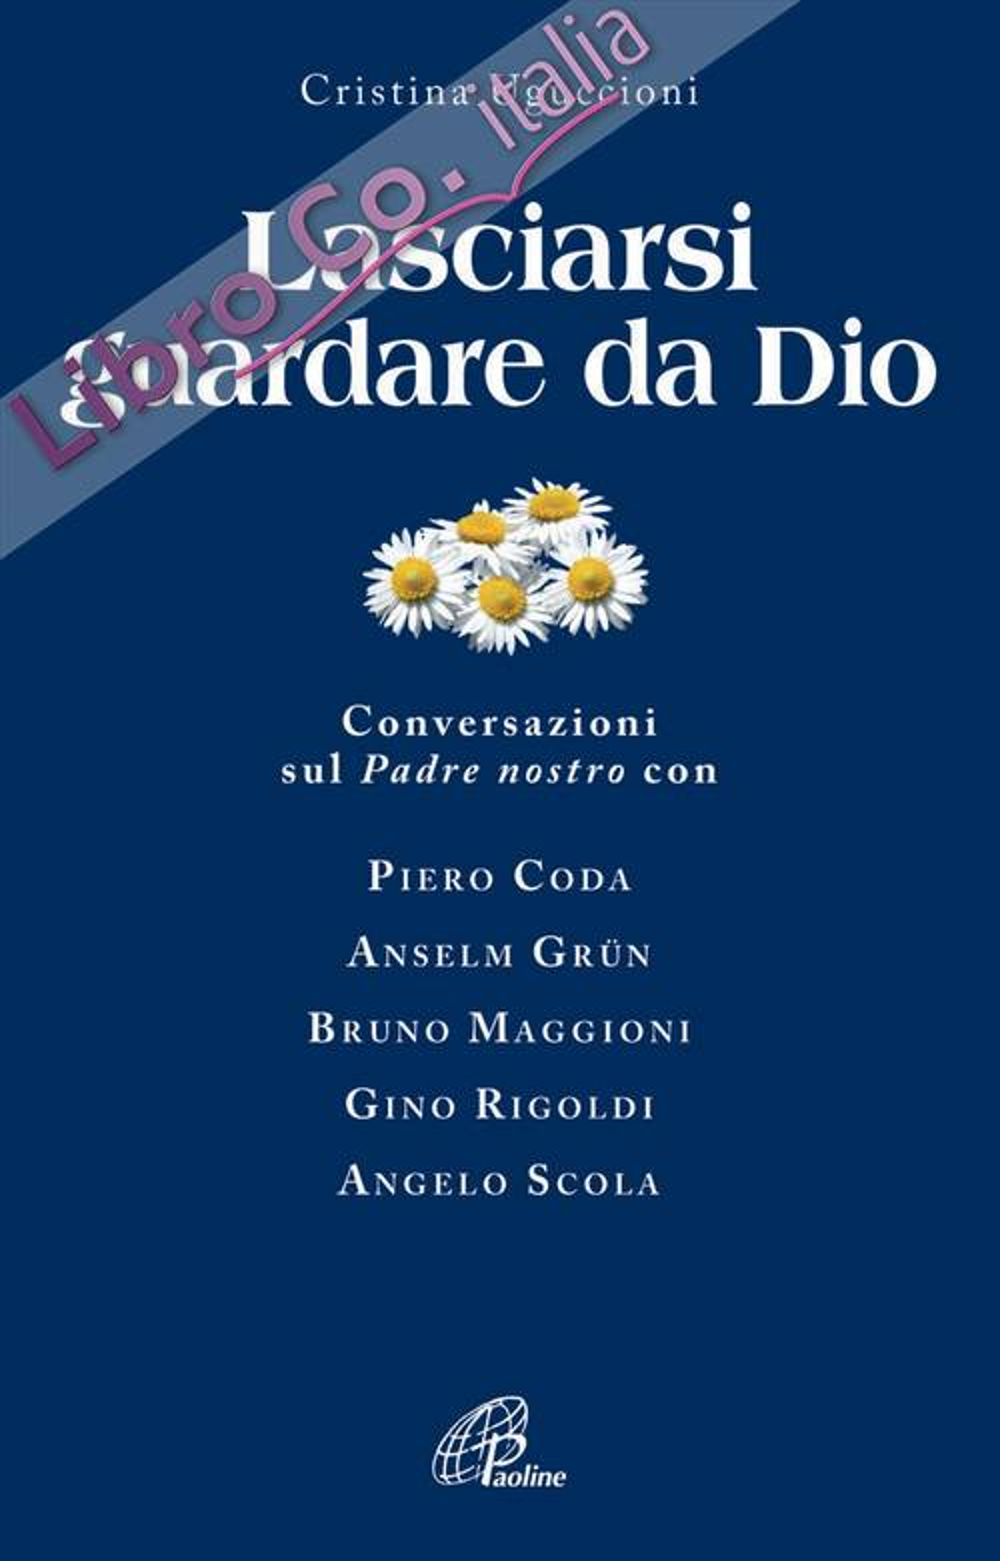 Lasciarsi Guardare da Dio. Conversazioni sul Padre Nostro con Piero Coda, Anselm Grün, Bruno Maggioni, Gino Rigoldi, Angelo Scola.